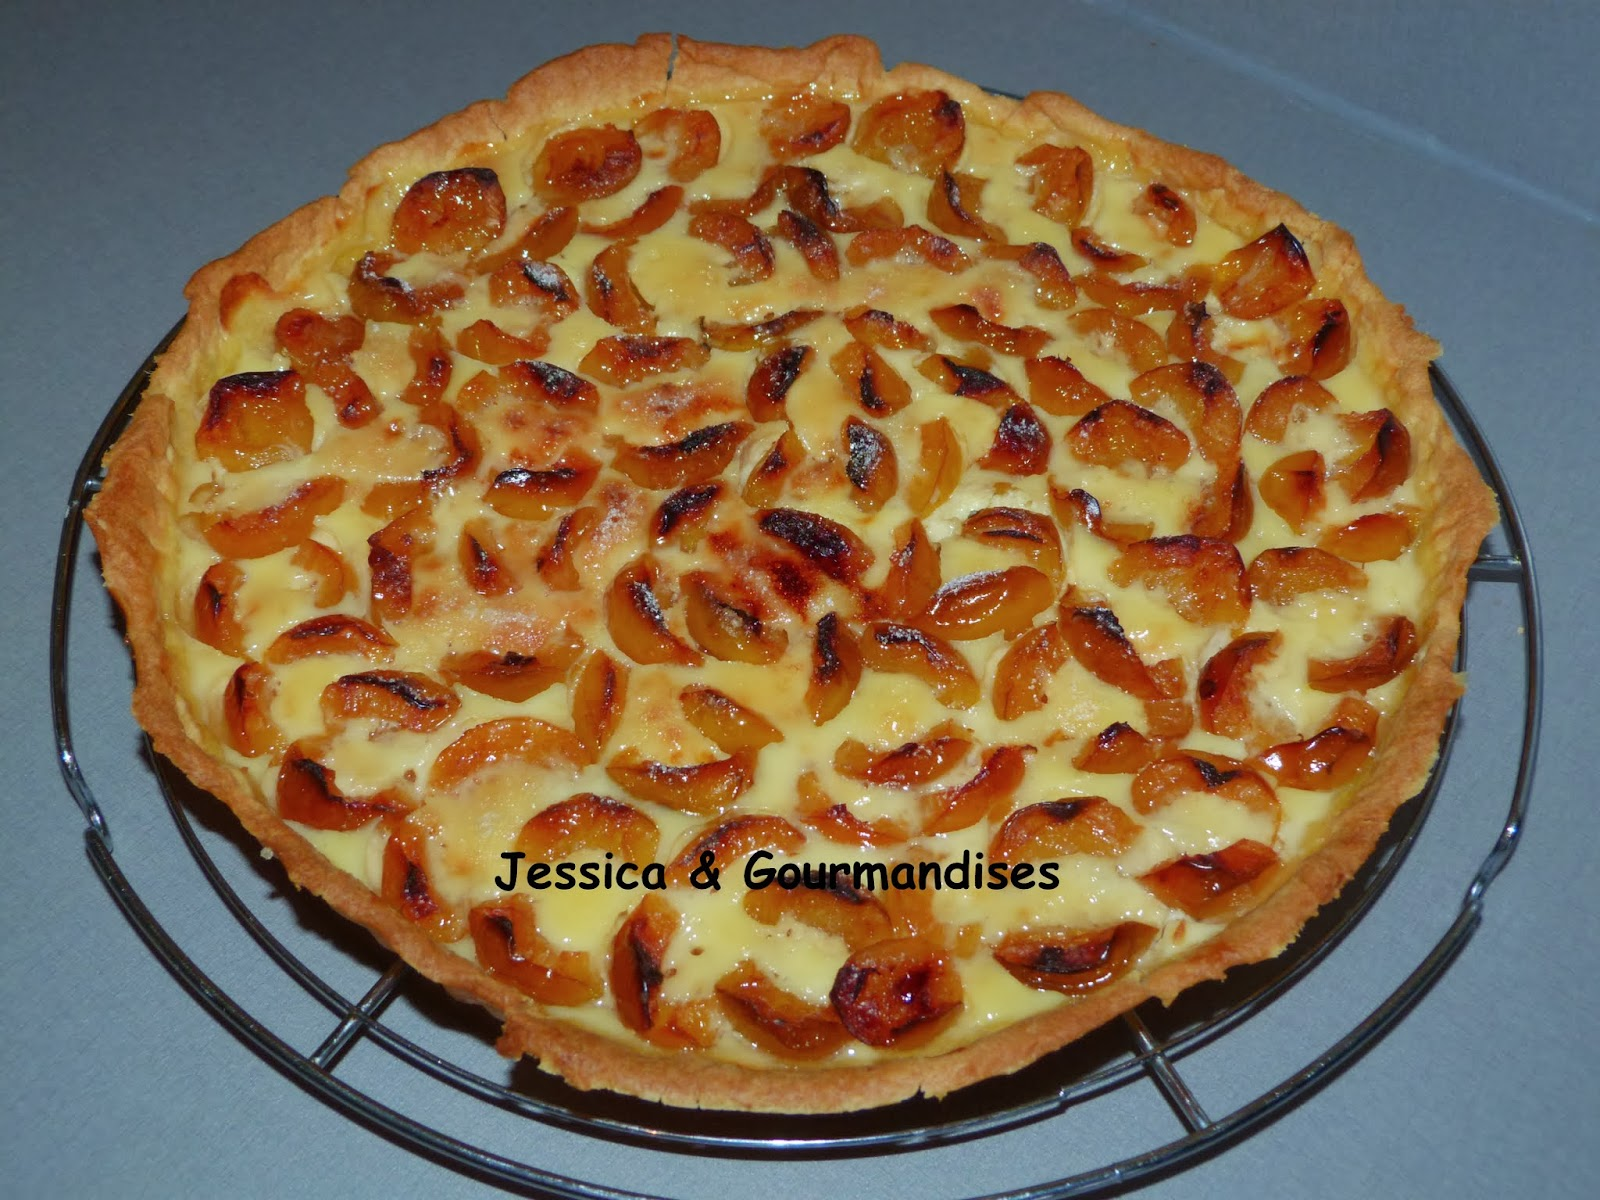 Jessica gourmandises tarte aux mirabelles - Recette avec des mirabelles ...